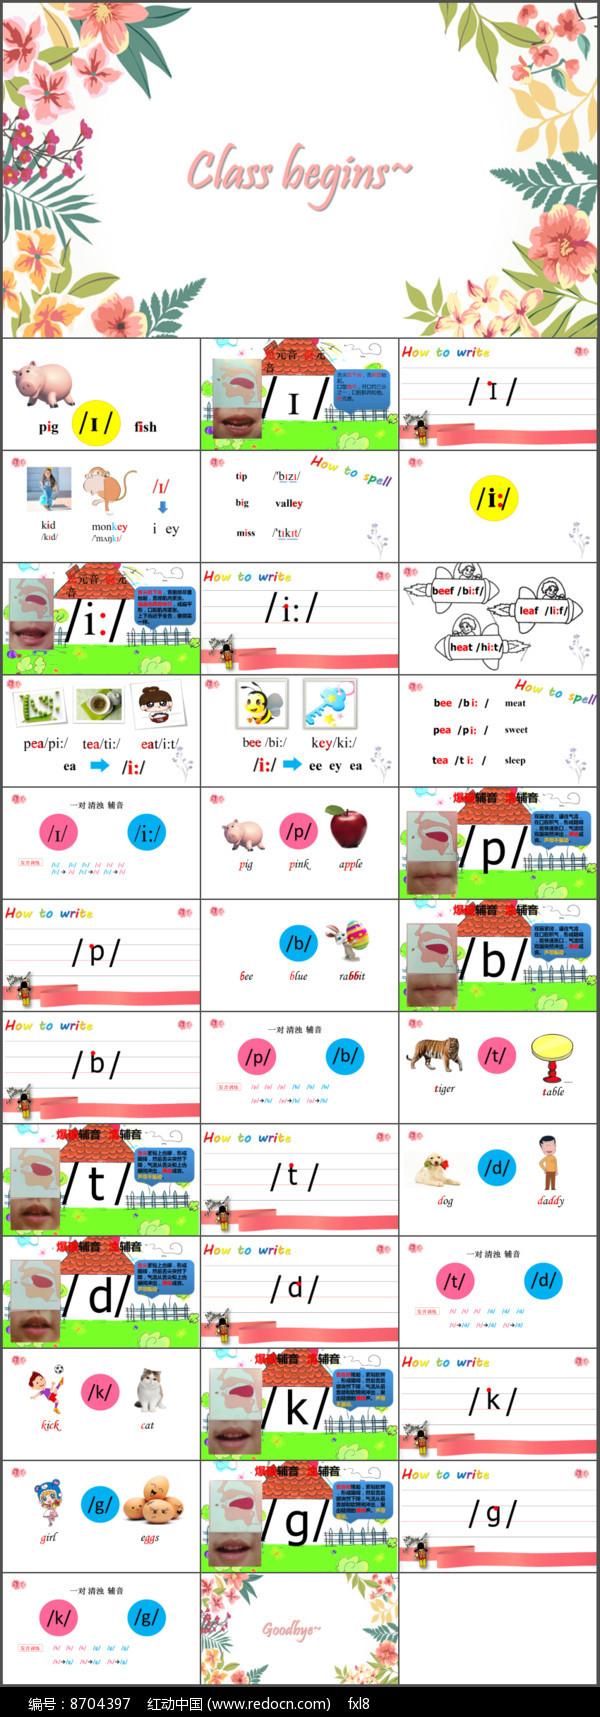 英语中班英标入门模板ppt幼儿pptx素材下载_科色彩课件国际音乐教案图片